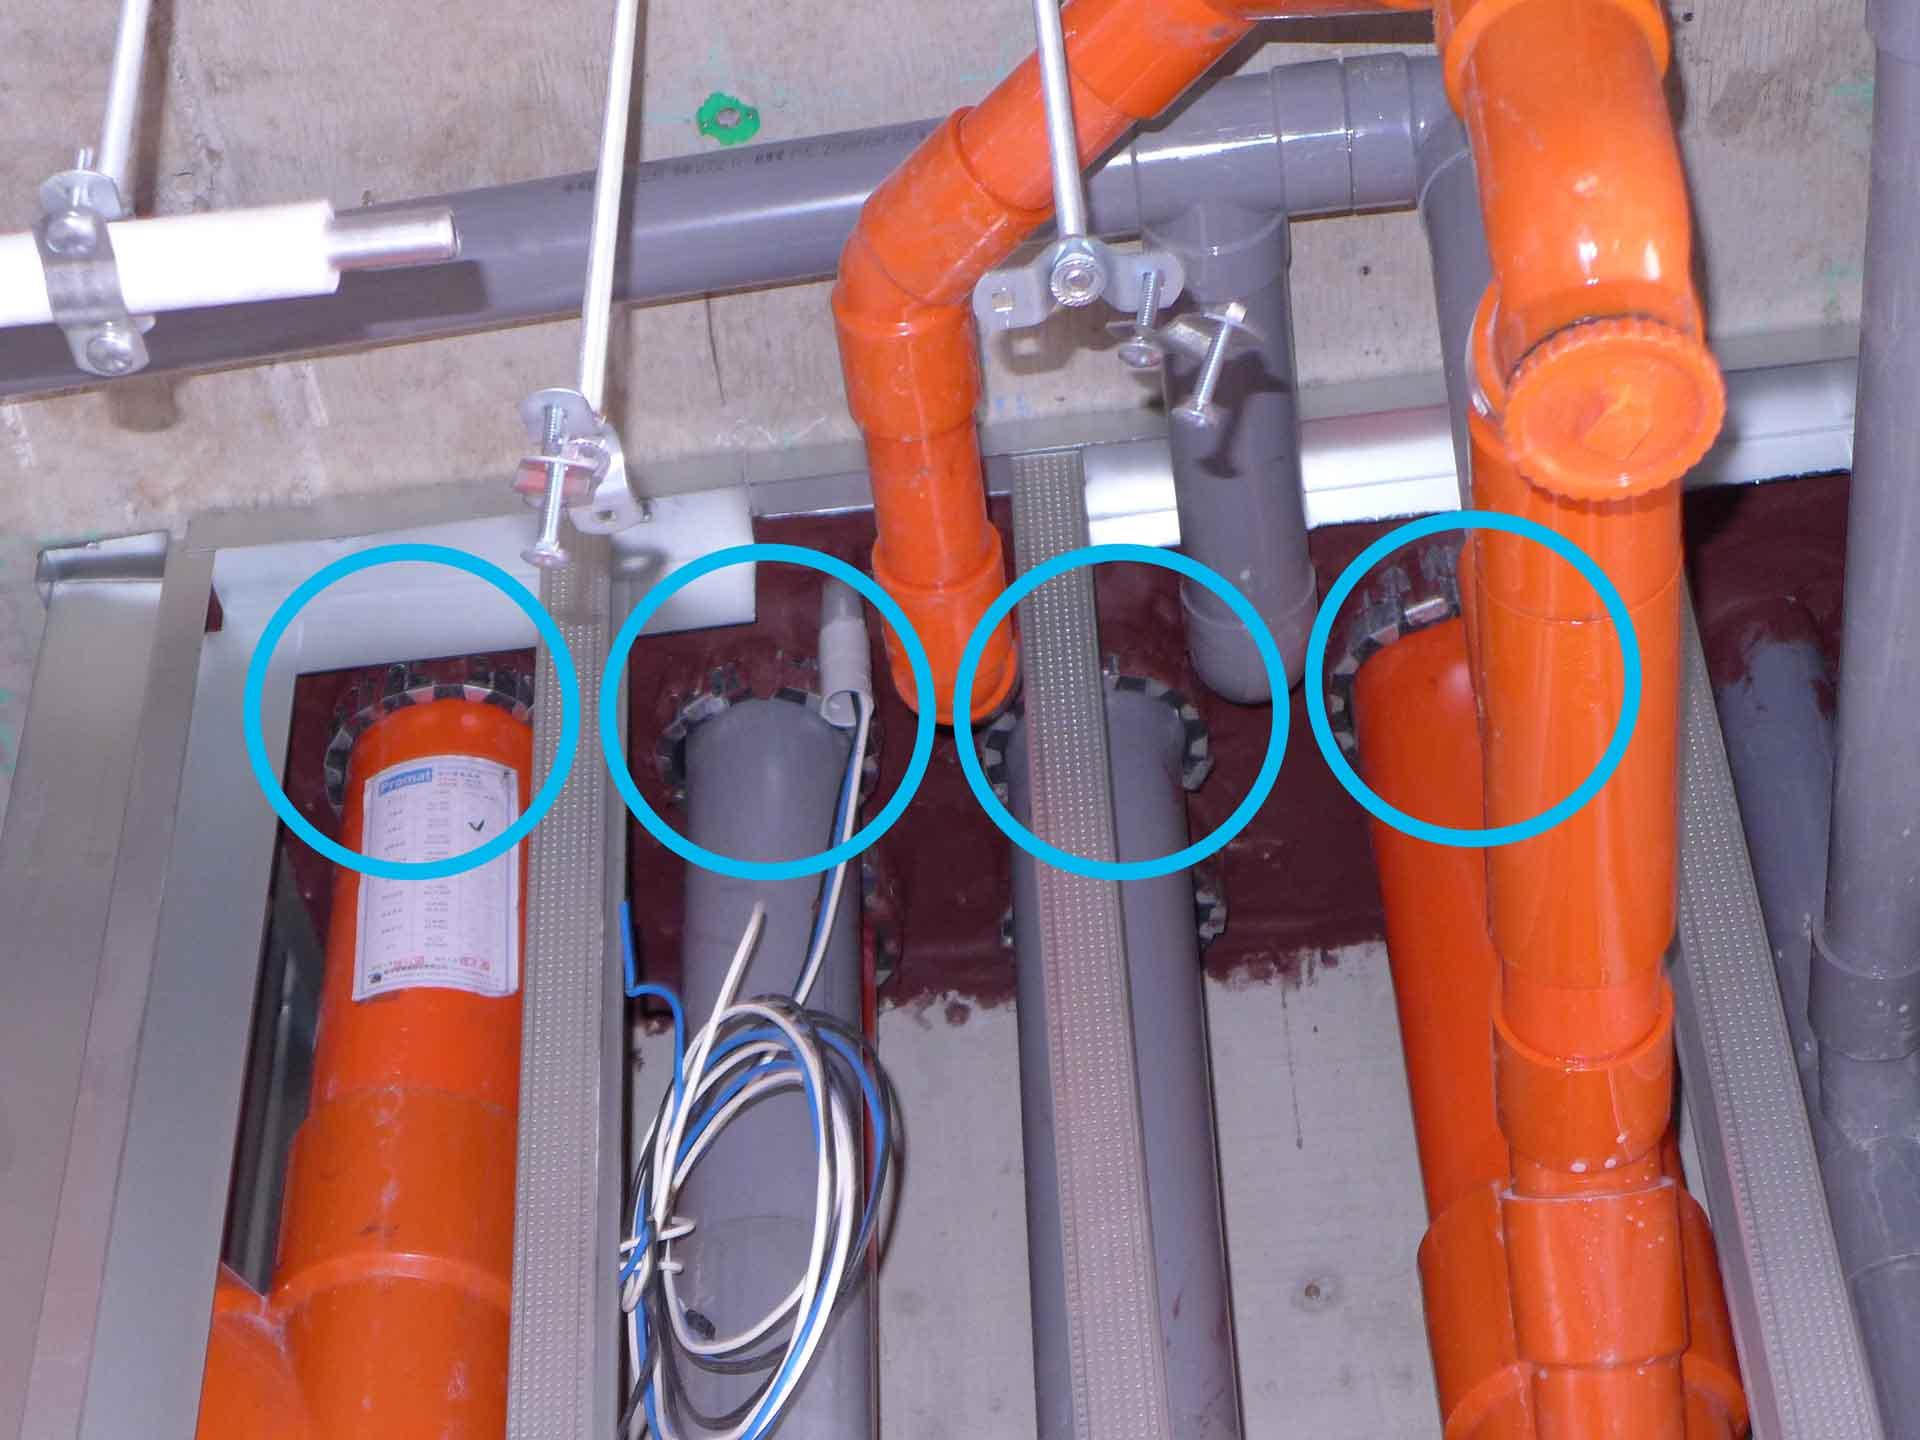 非金屬管穿越防火區劃隔間牆之空隙處施作膨脹式防火阻泥,當非金屬管材(如PVC管)遇熱融化,此時阻泥亦會同時遇熱膨脹填滿管材被融化後的空間,確保阻隔性。